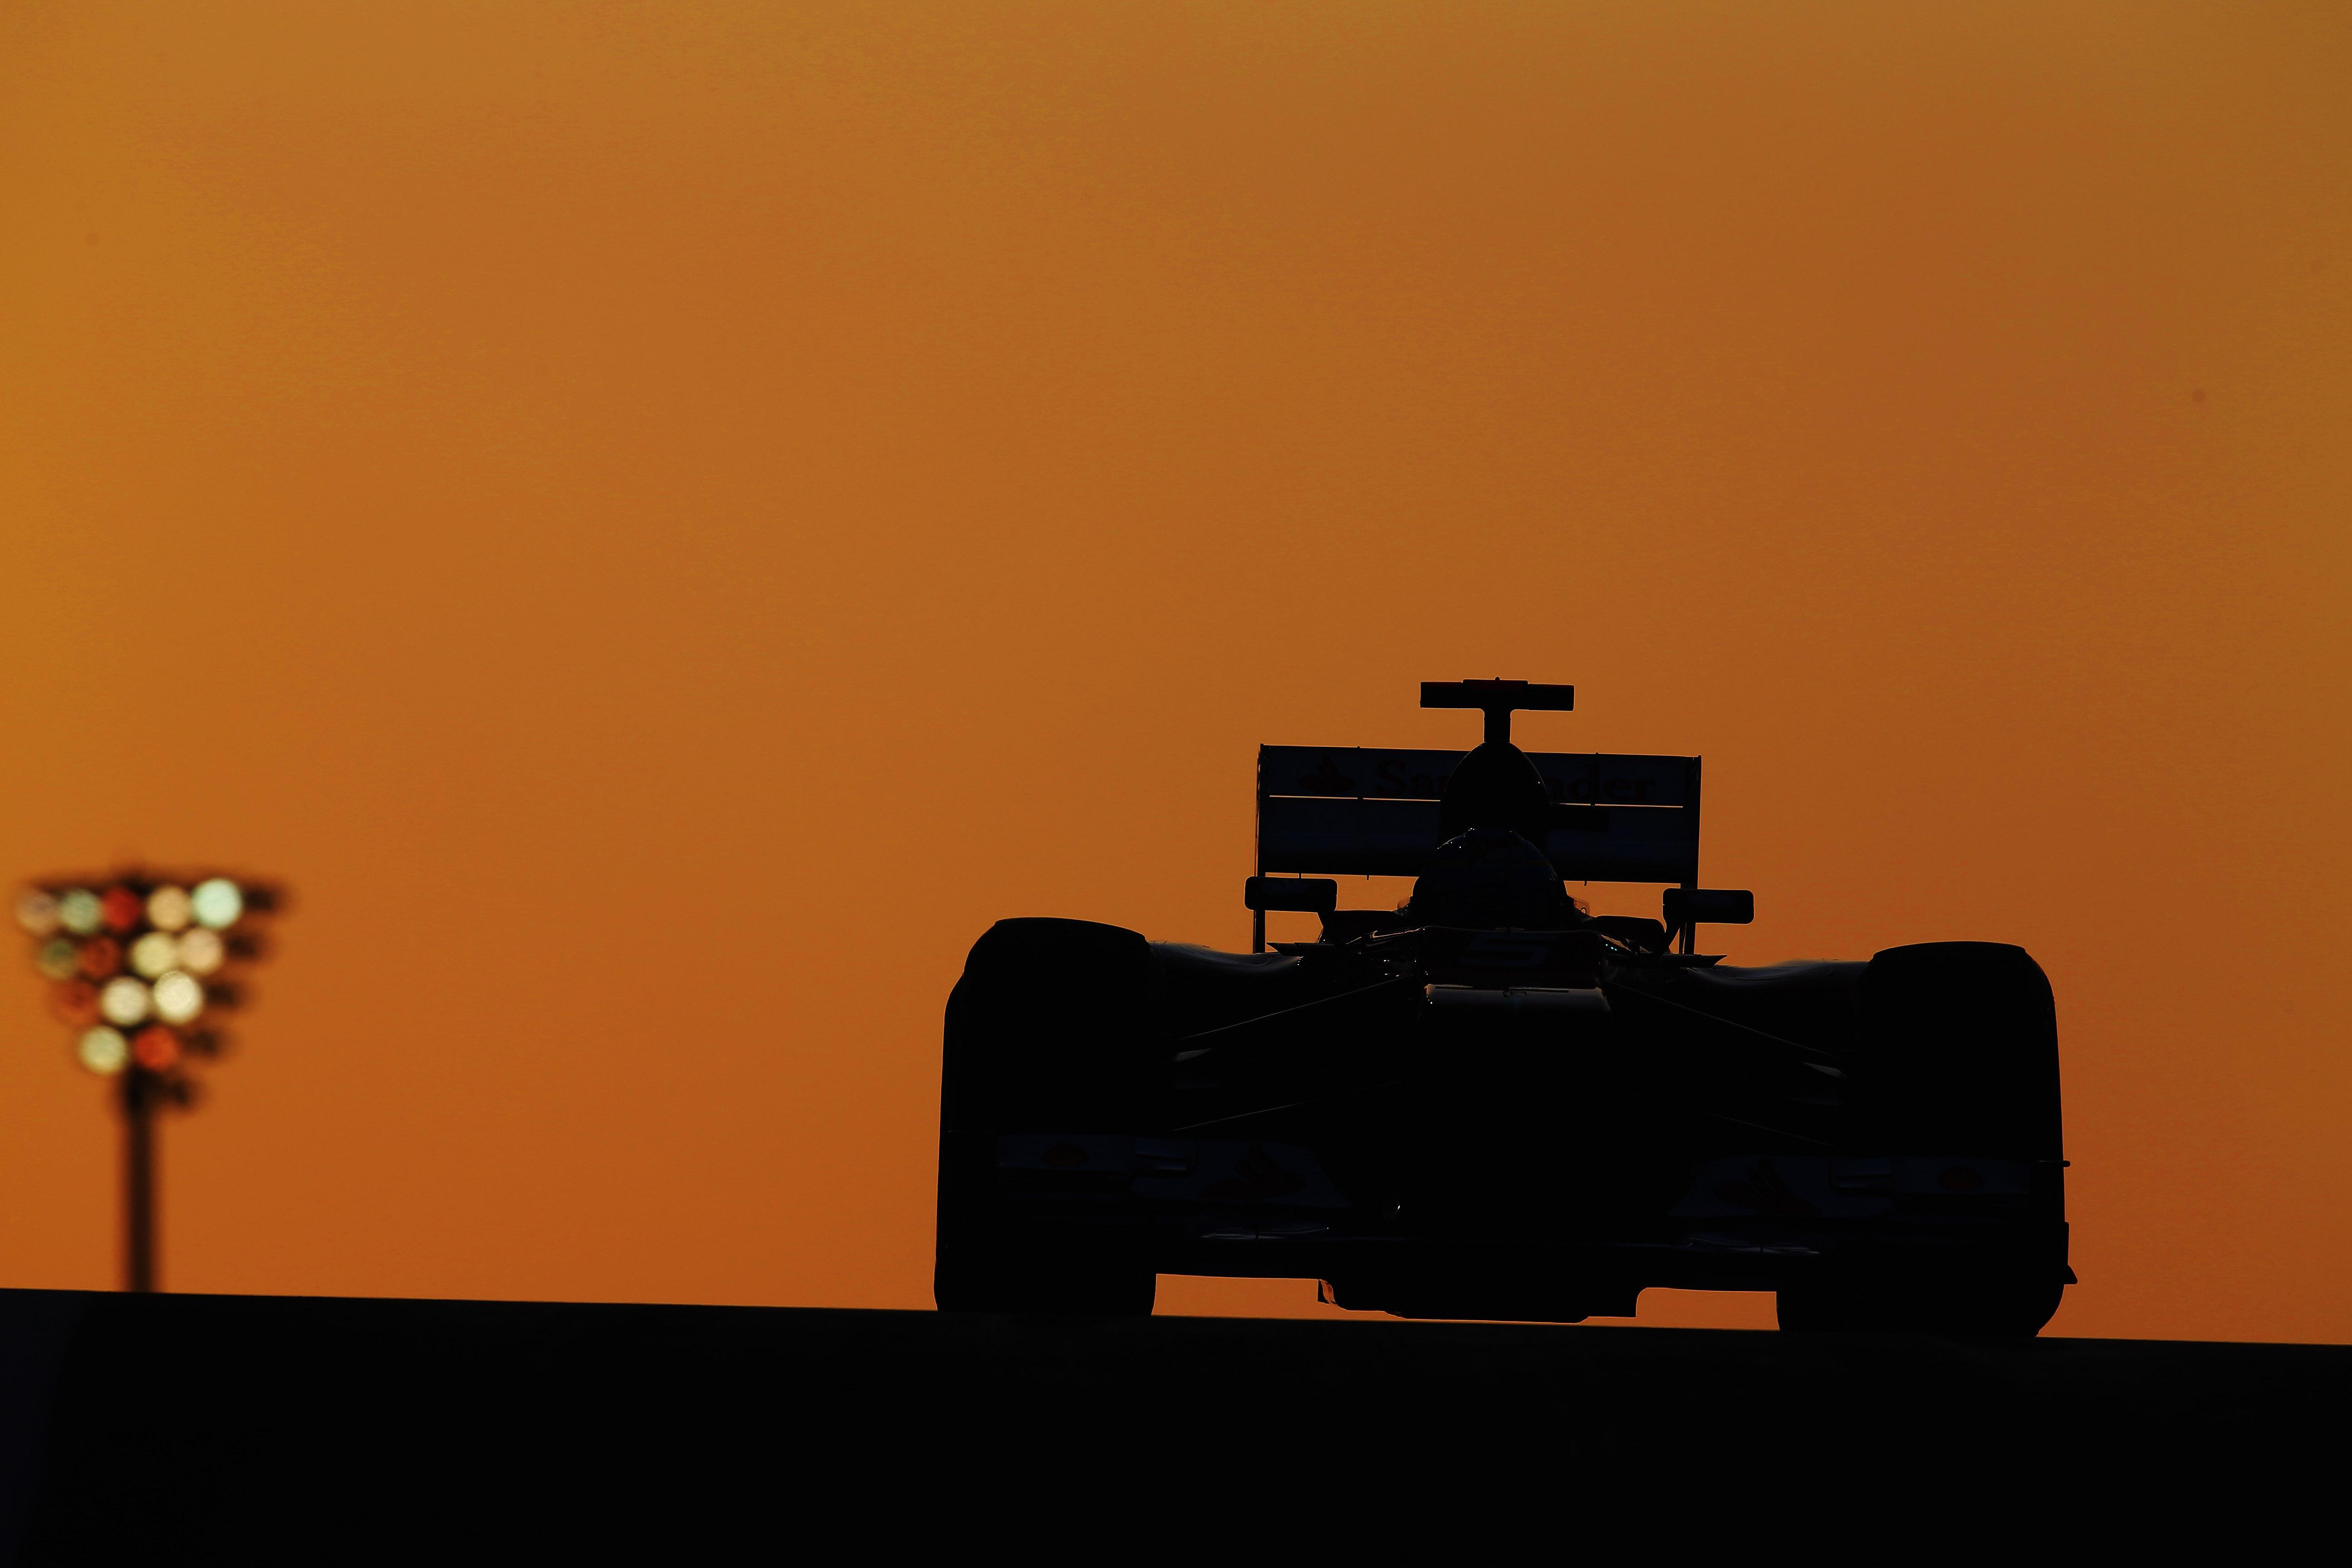 f1 track wallpaper - photo #20